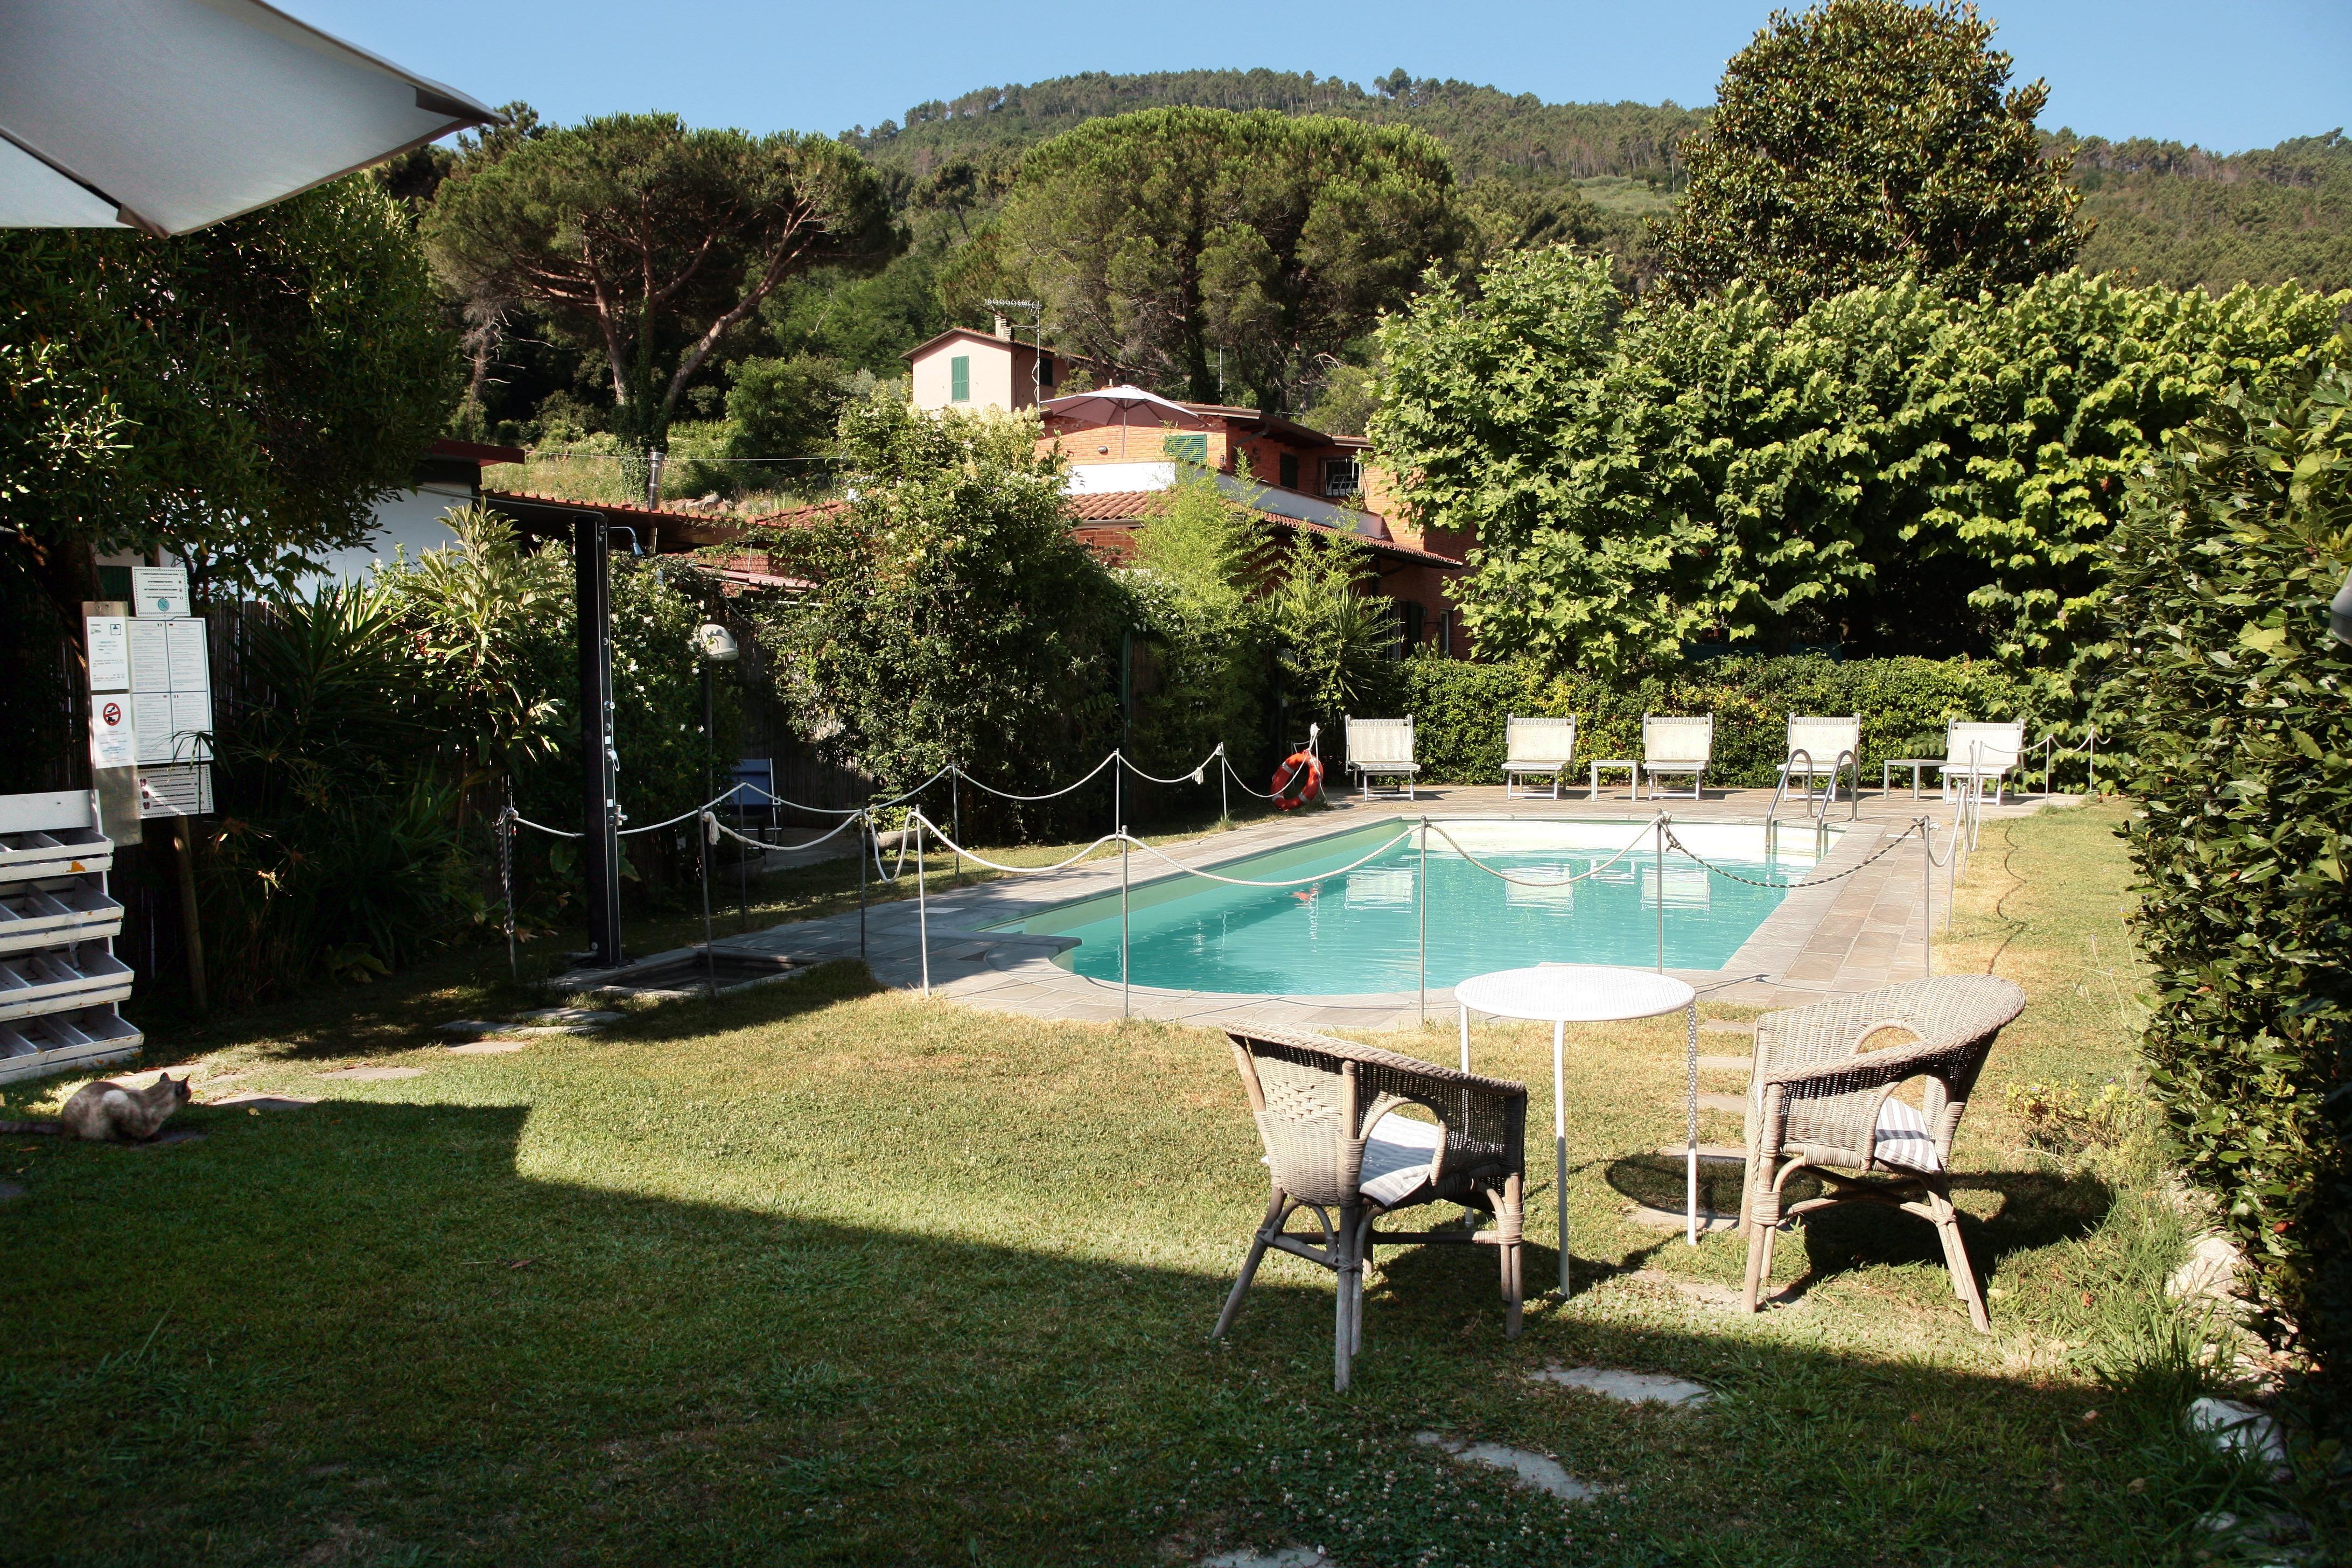 Hotel sette archi bocca di magra cinque terre accommodation - Hotel giardino al mare sestri levante ...